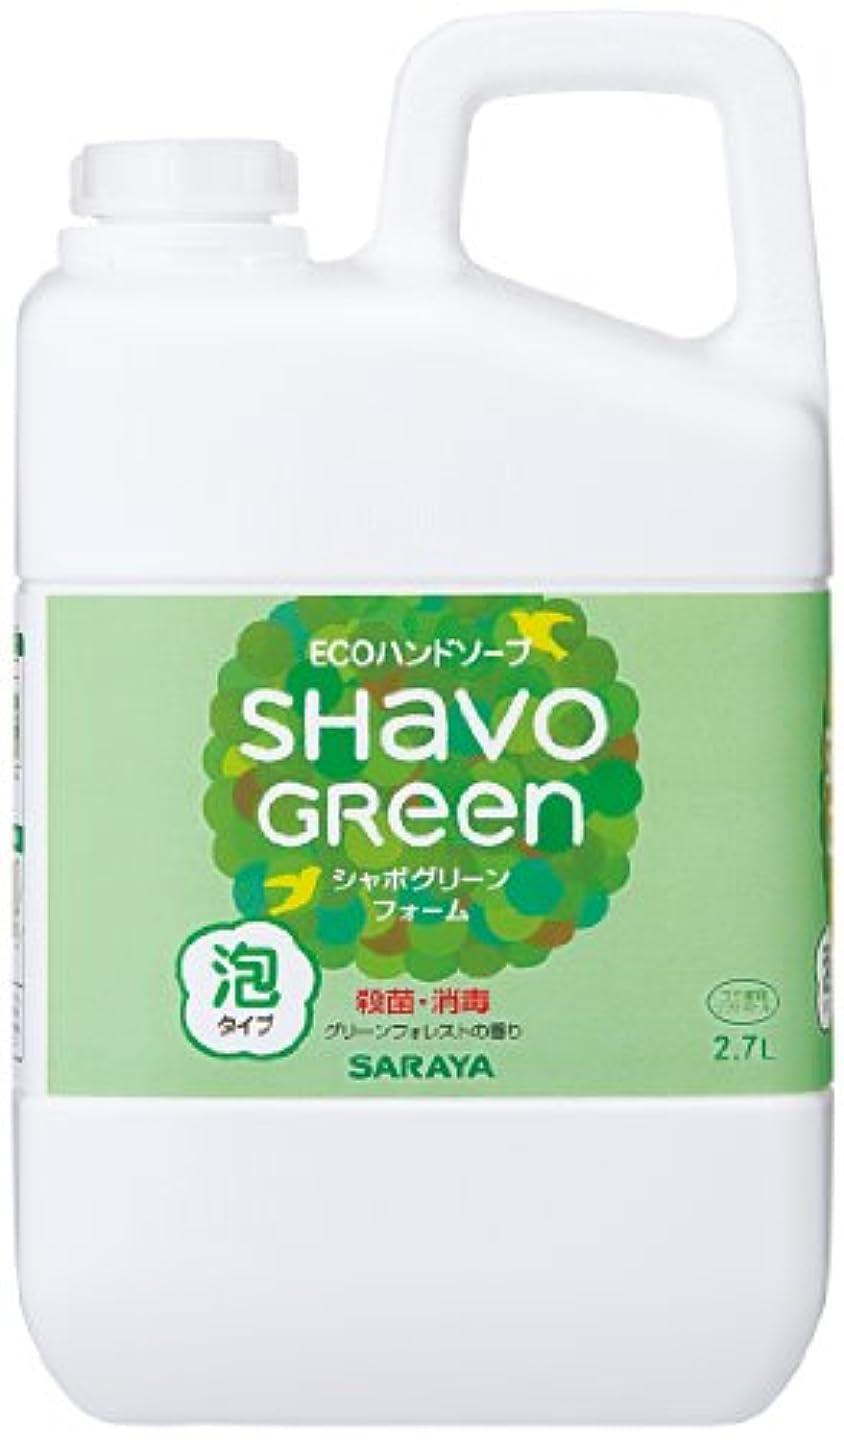 硬さ知覚できる瞑想サラヤ シャボグリーン フォーム 詰替用 2.7L